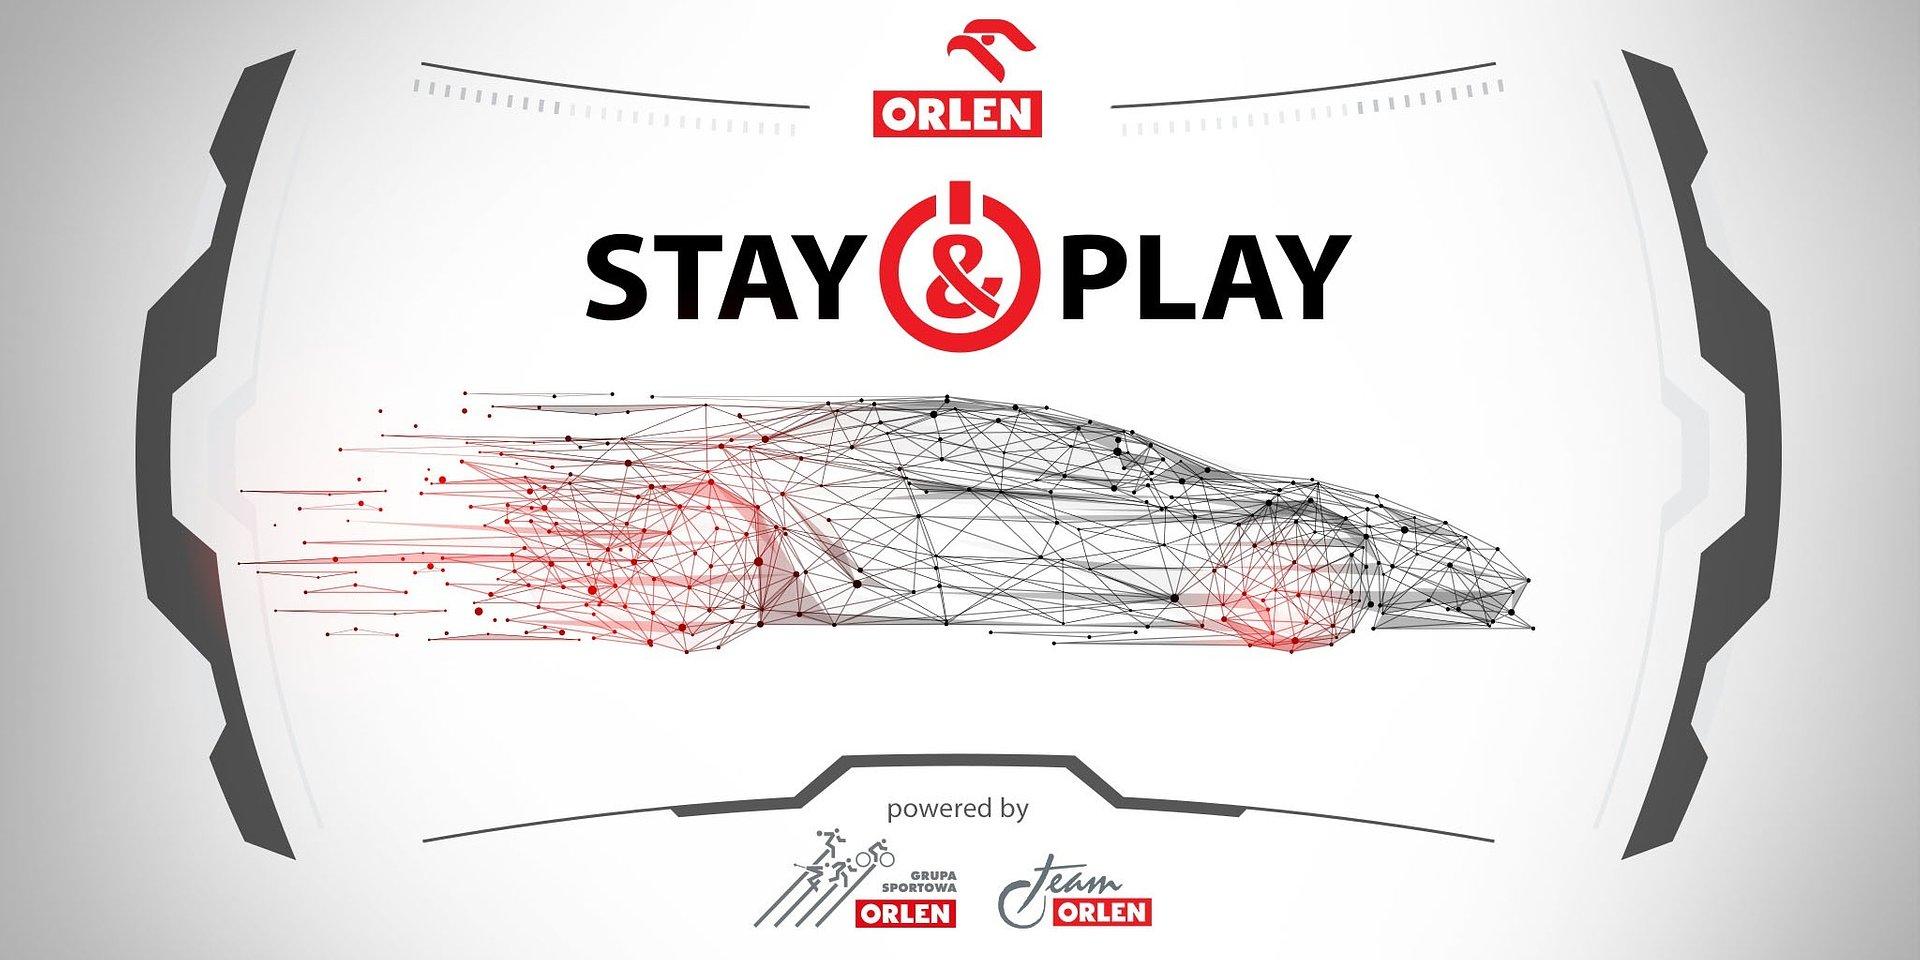 Sportowcy wspierani przez PKN ORLEN dołączają do wirtualnej rywalizacji